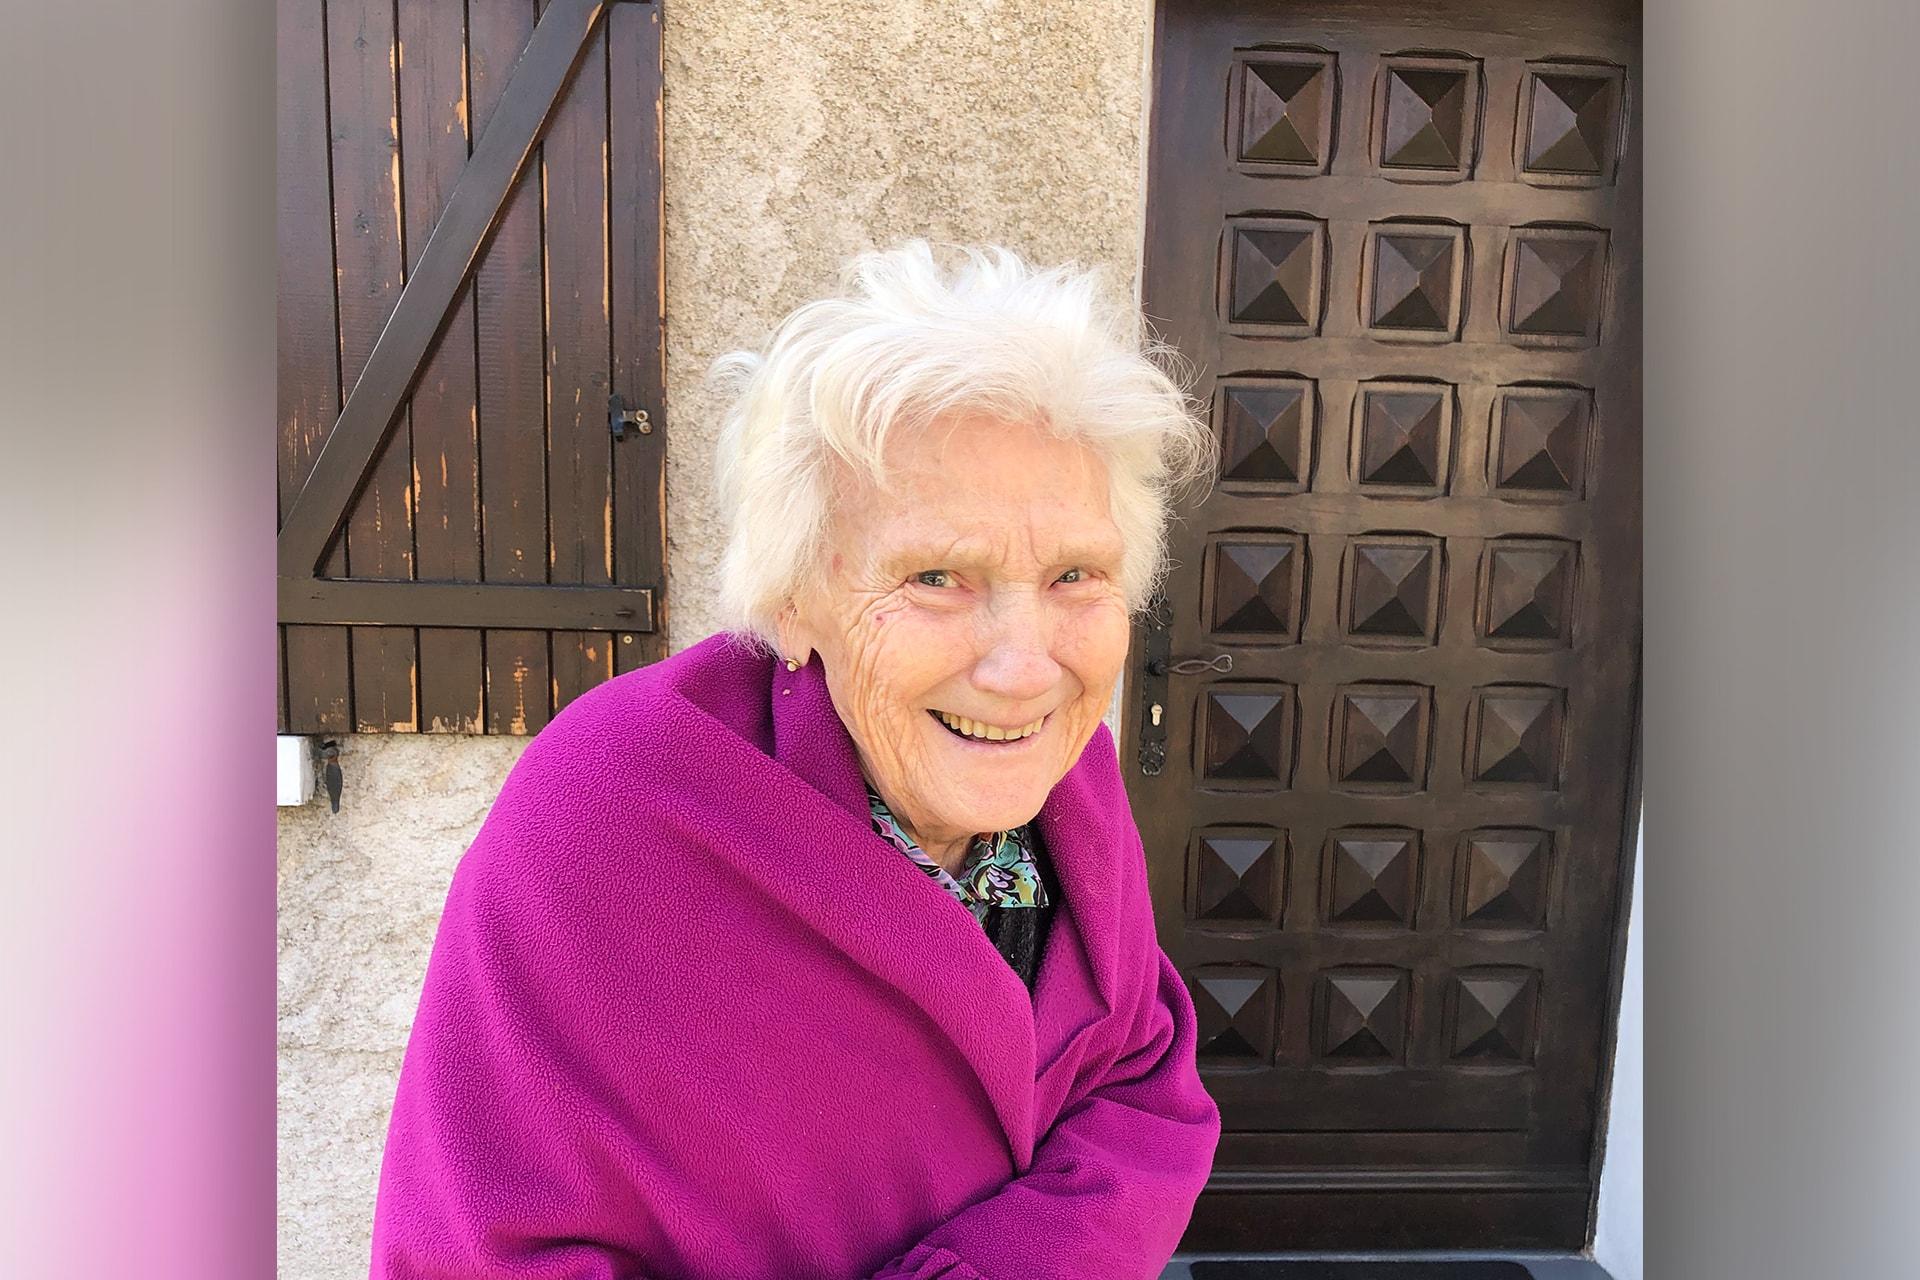 Institut Aurovida - Blog - Rosa, un espoir pour ne plus avoir peur de vieillir